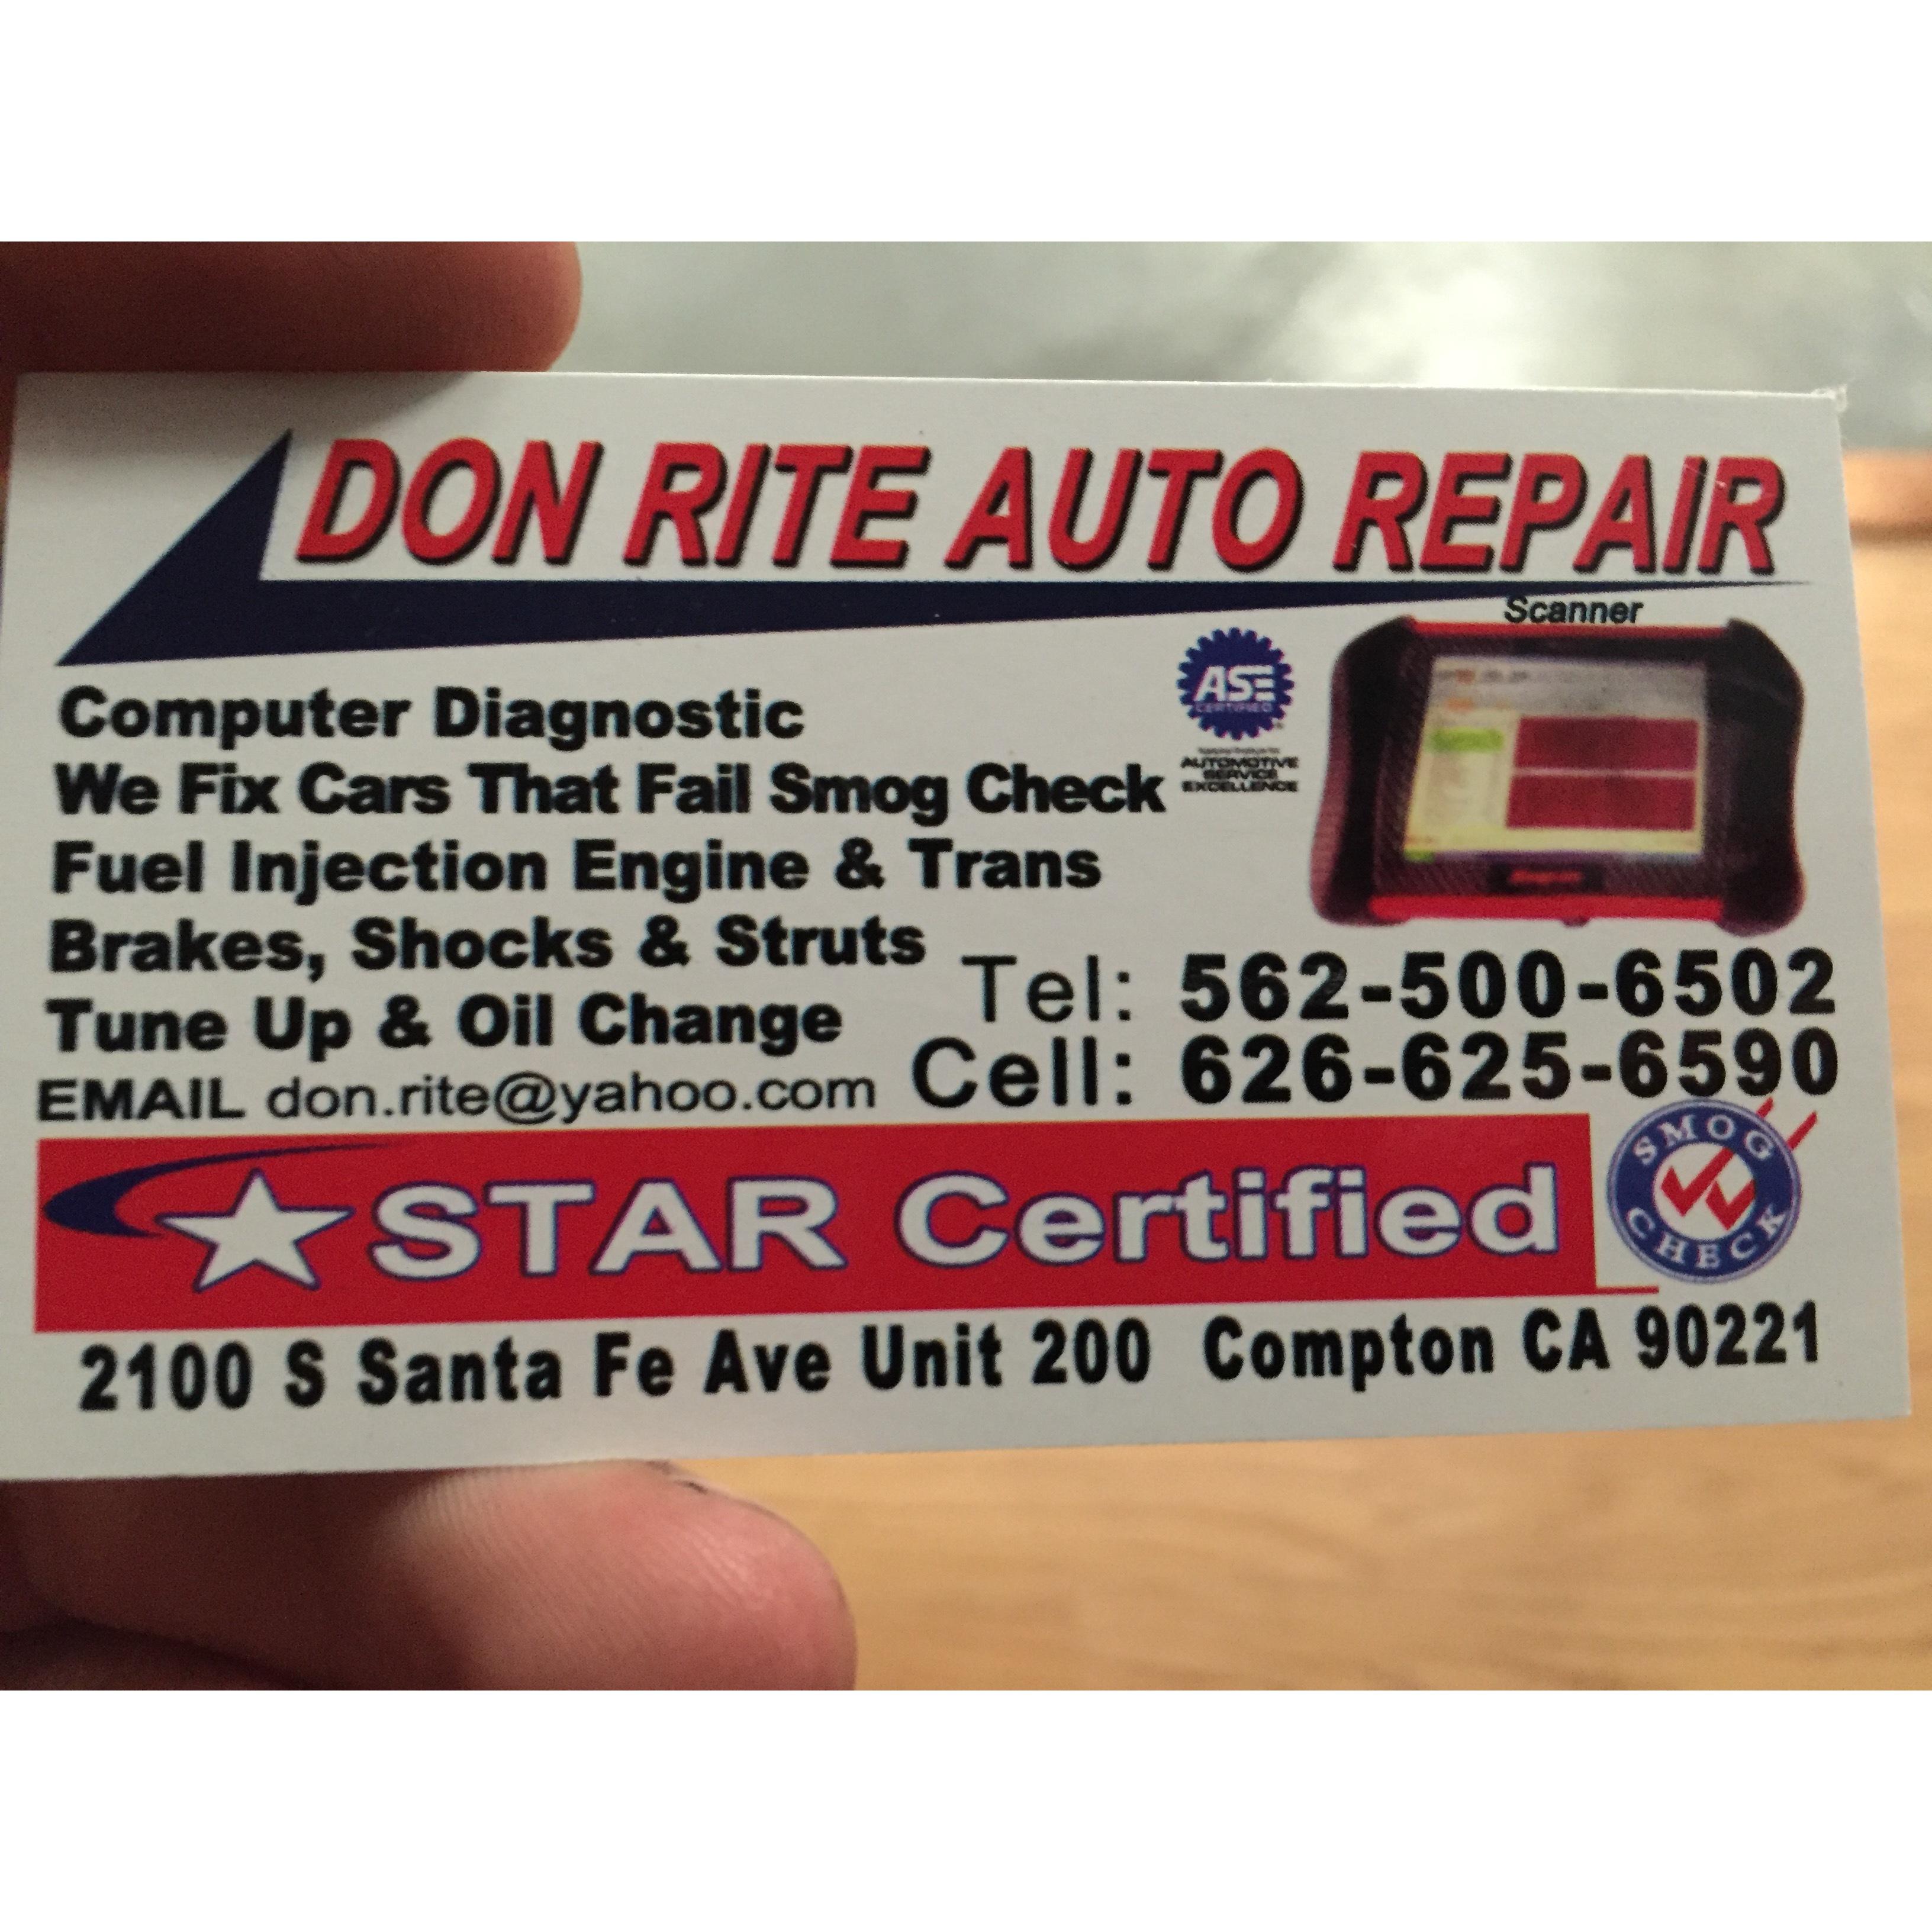 Don Rite Auto Repair